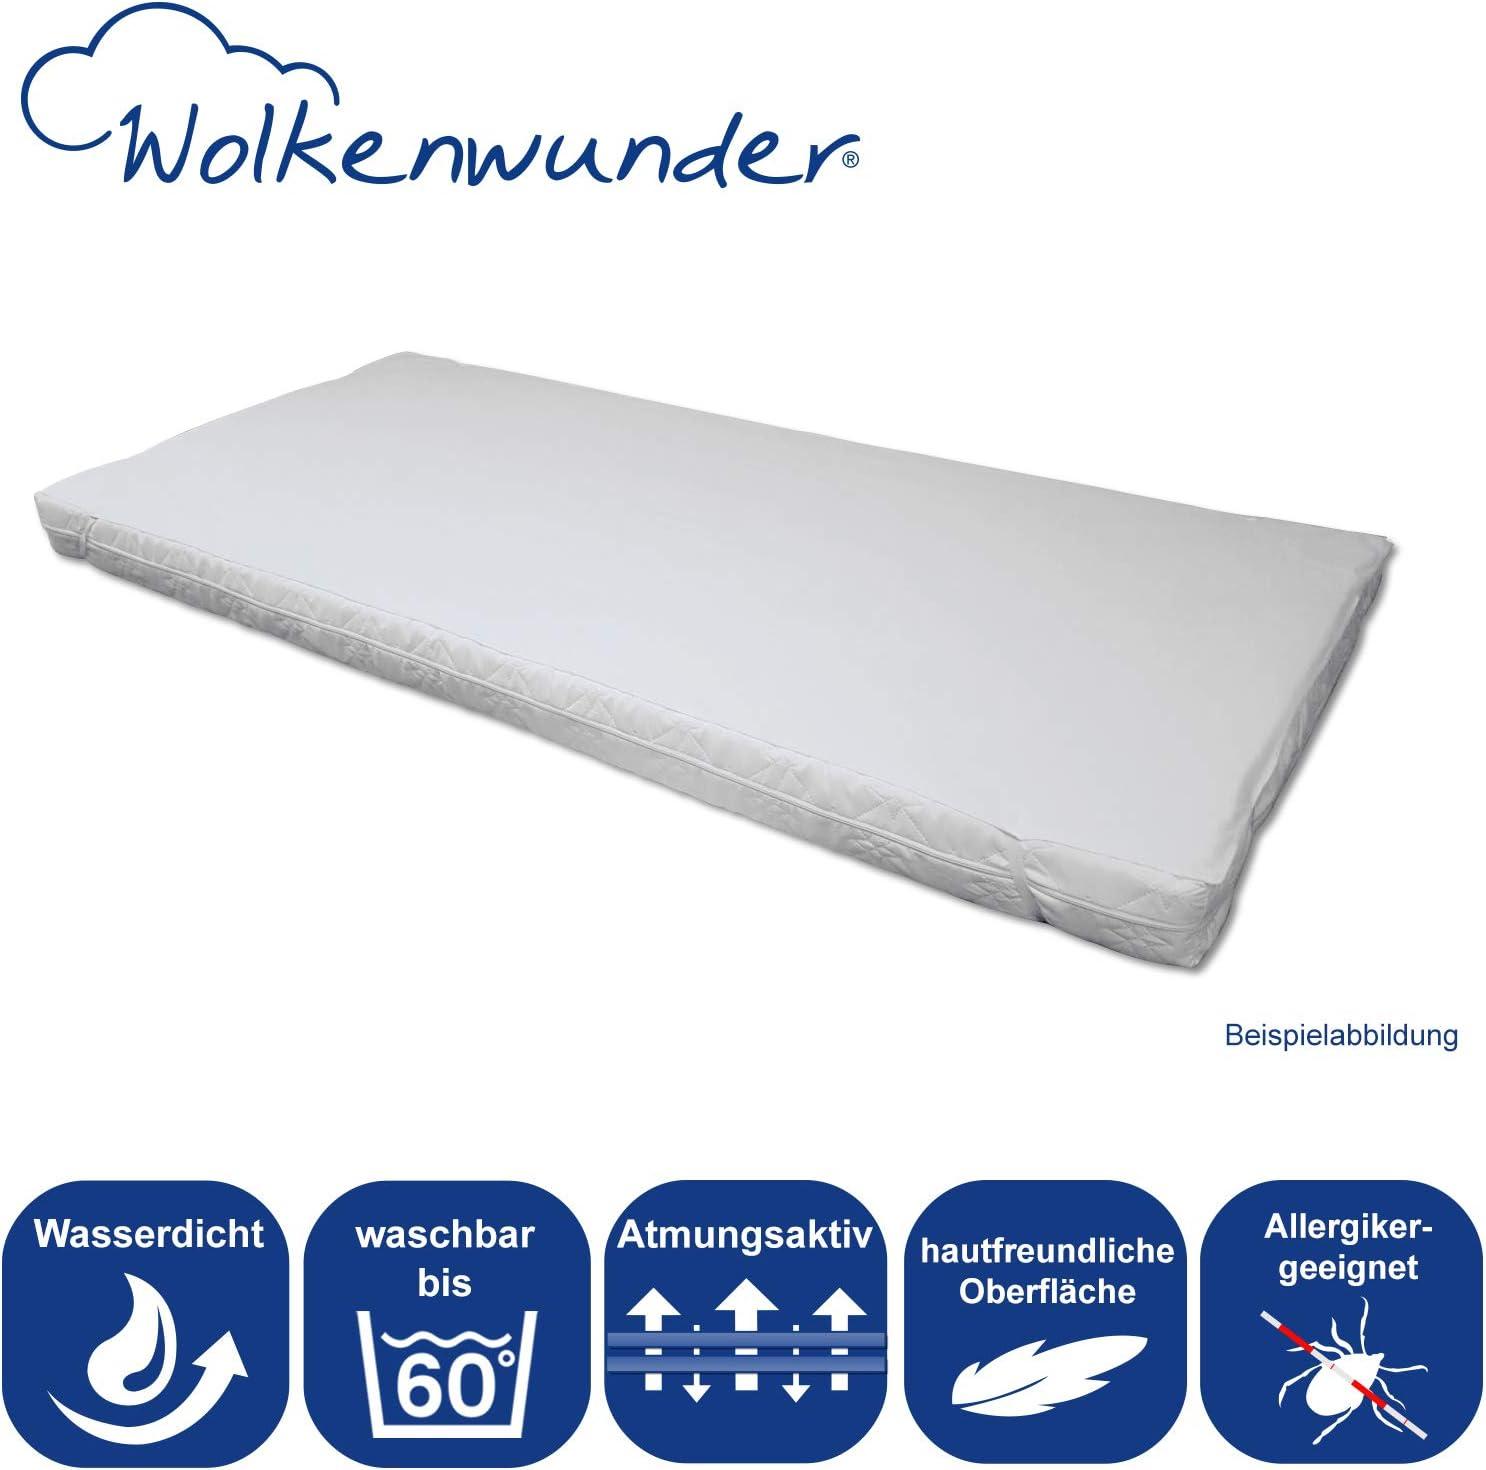 Hygieneauflage Dream Matratzenauflage Nässeschutz und 4 Eckgummis Wolkenwunder